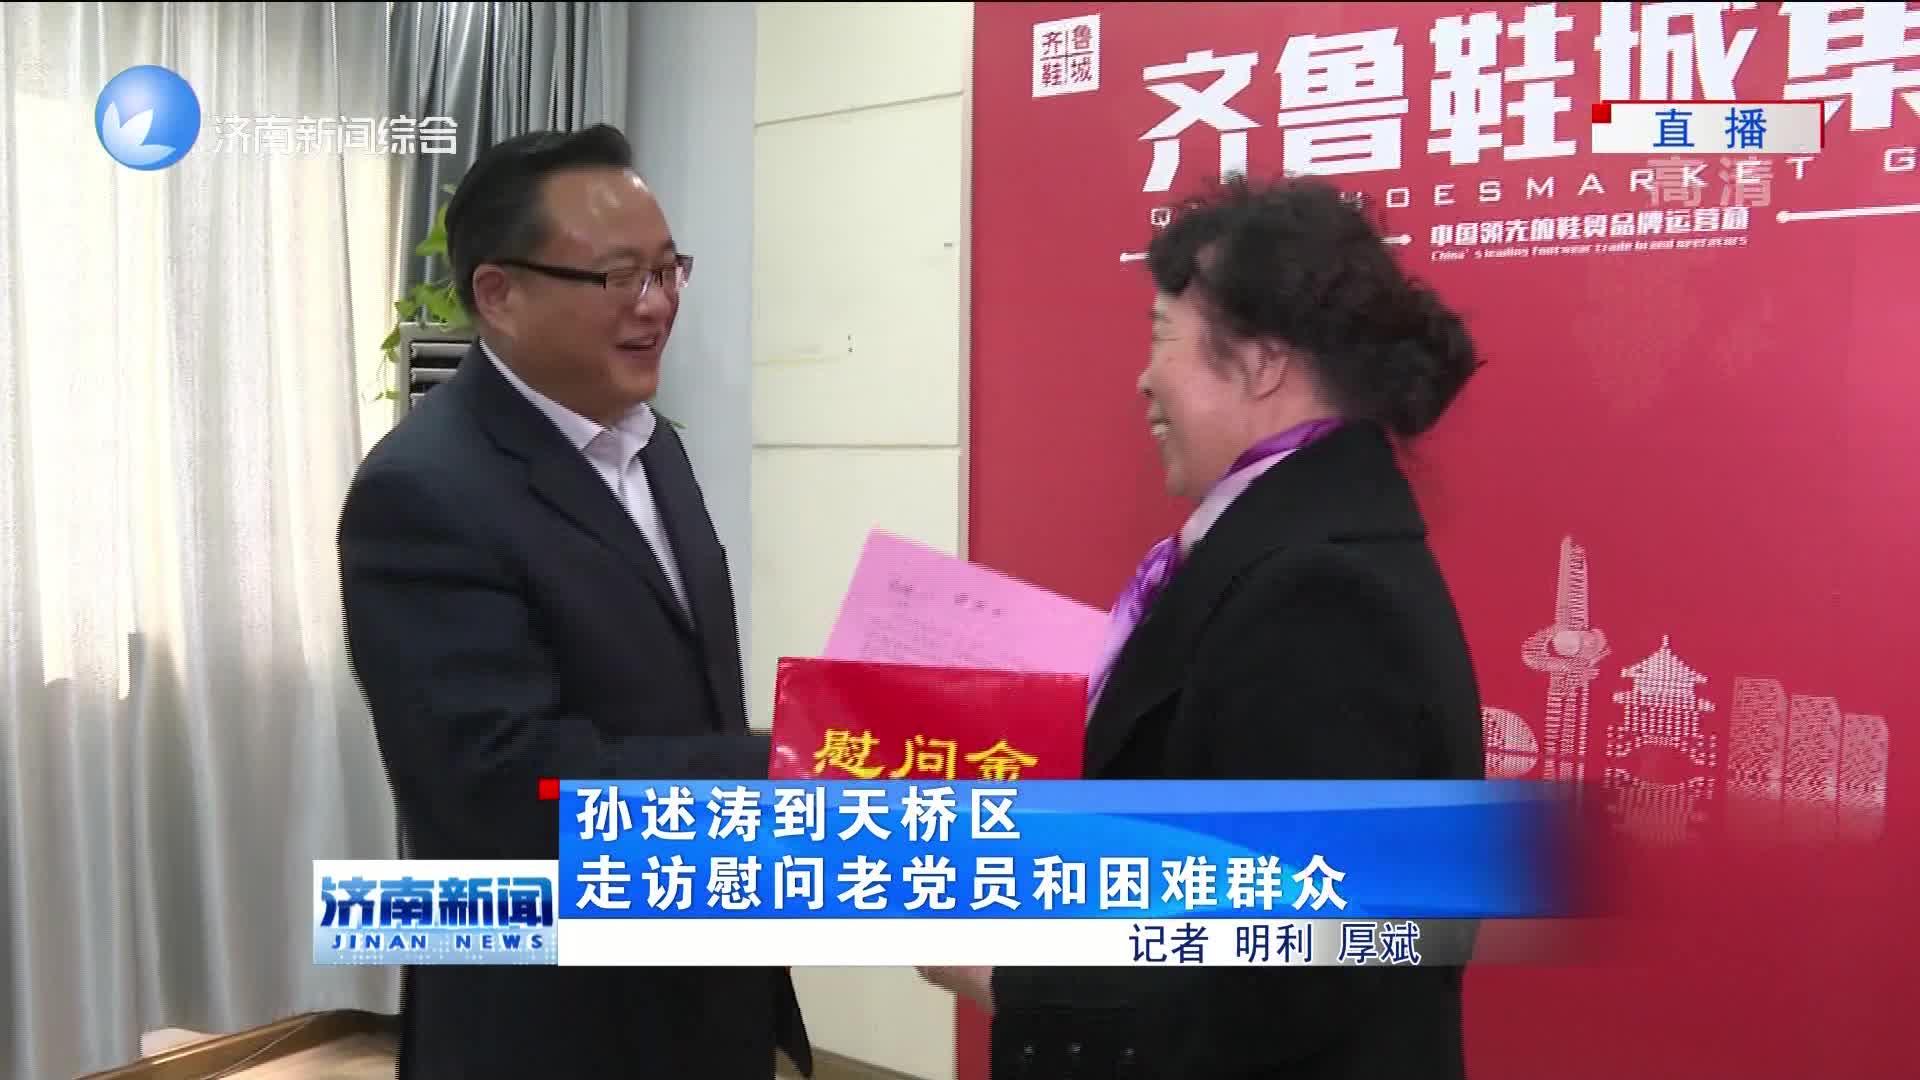 孙述涛到天桥区走访慰问老党员和困难群众